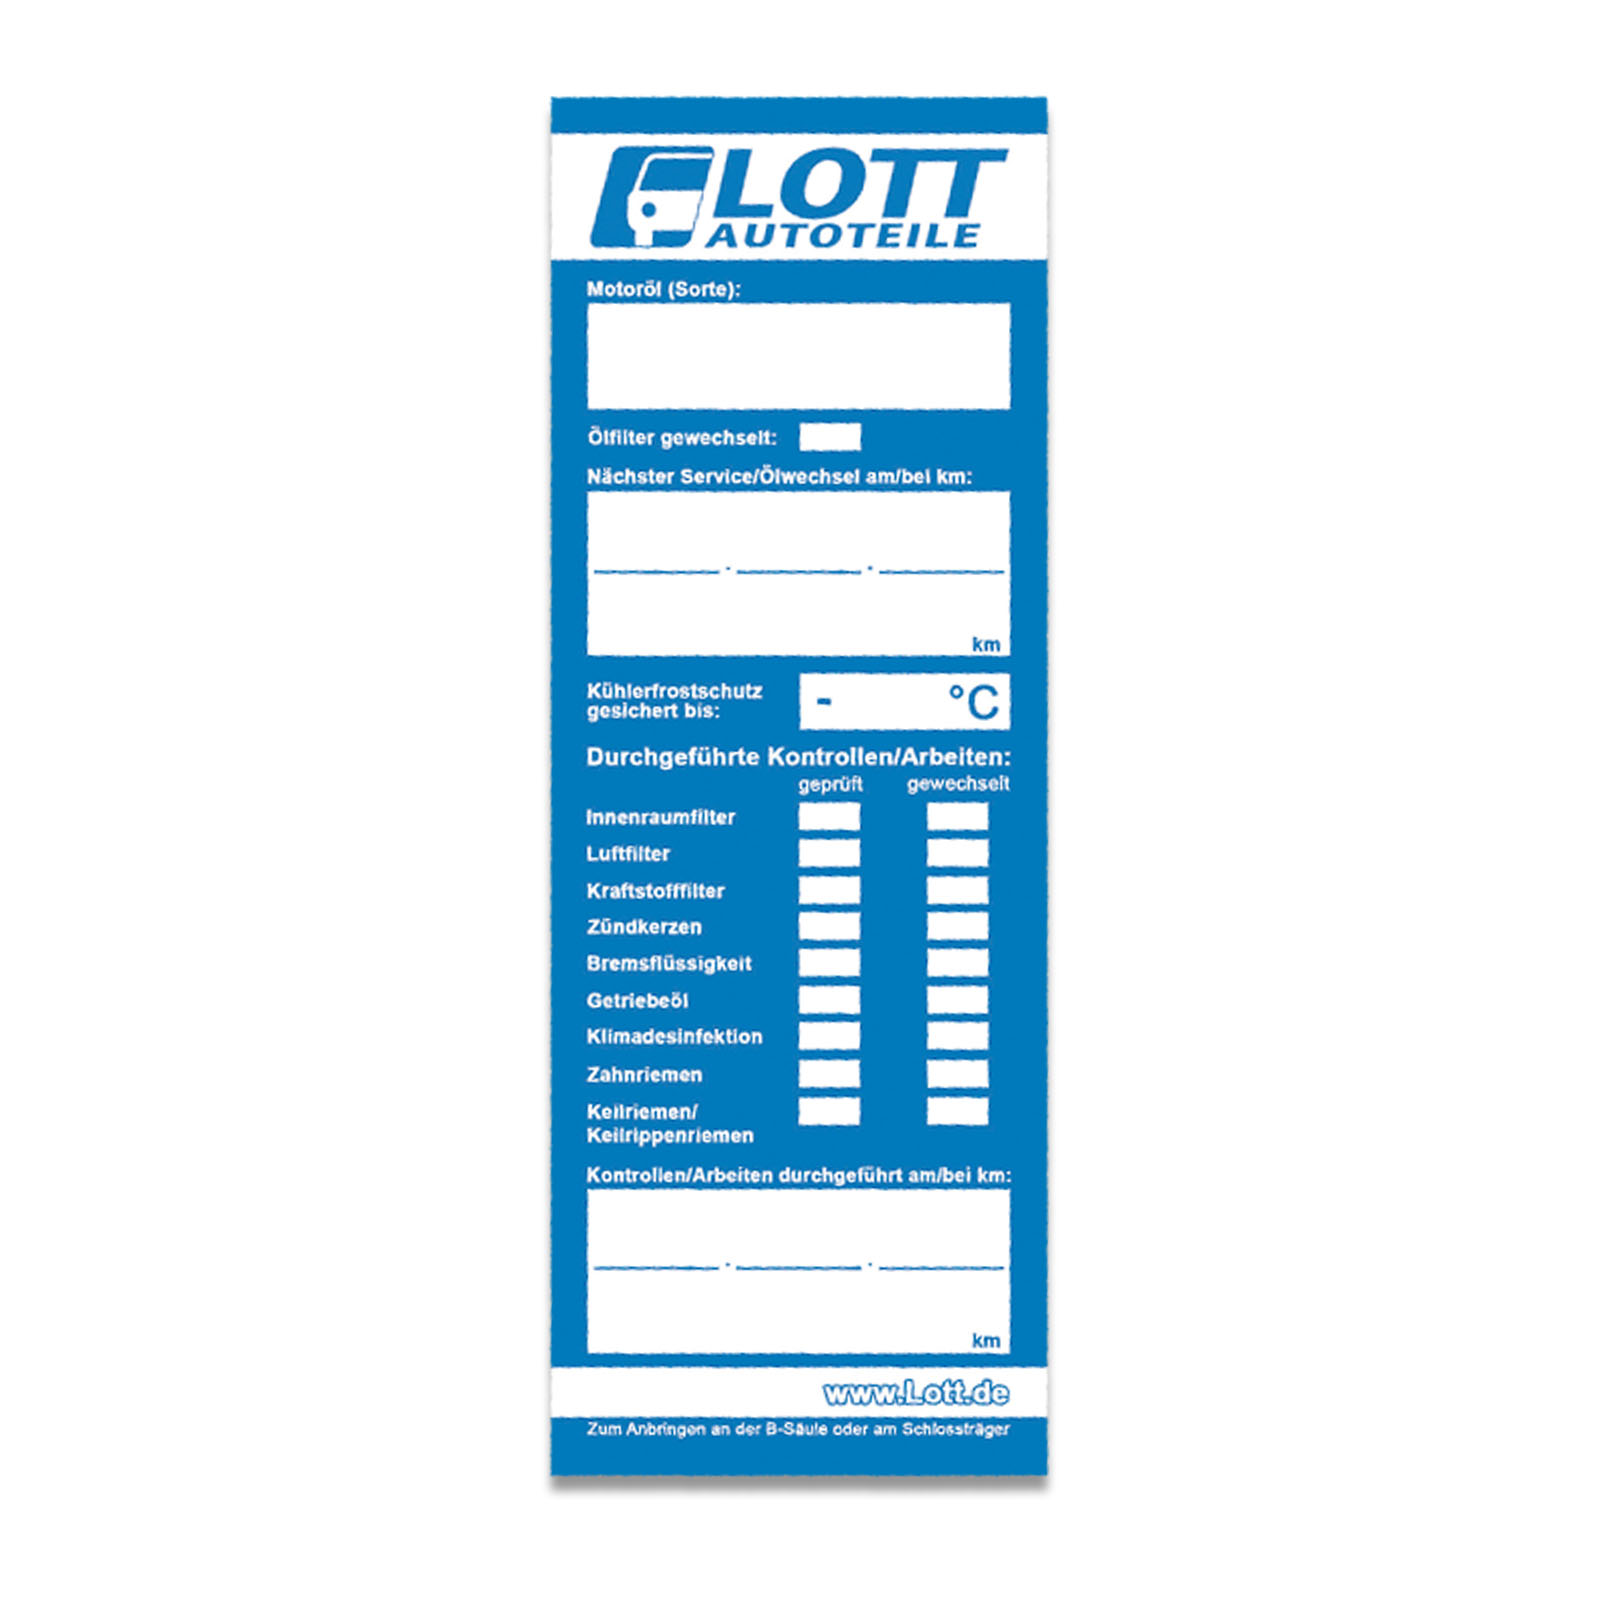 Liqui Moly Leichtlaufmotorenöl Top Tec 4200 5W-30 5L